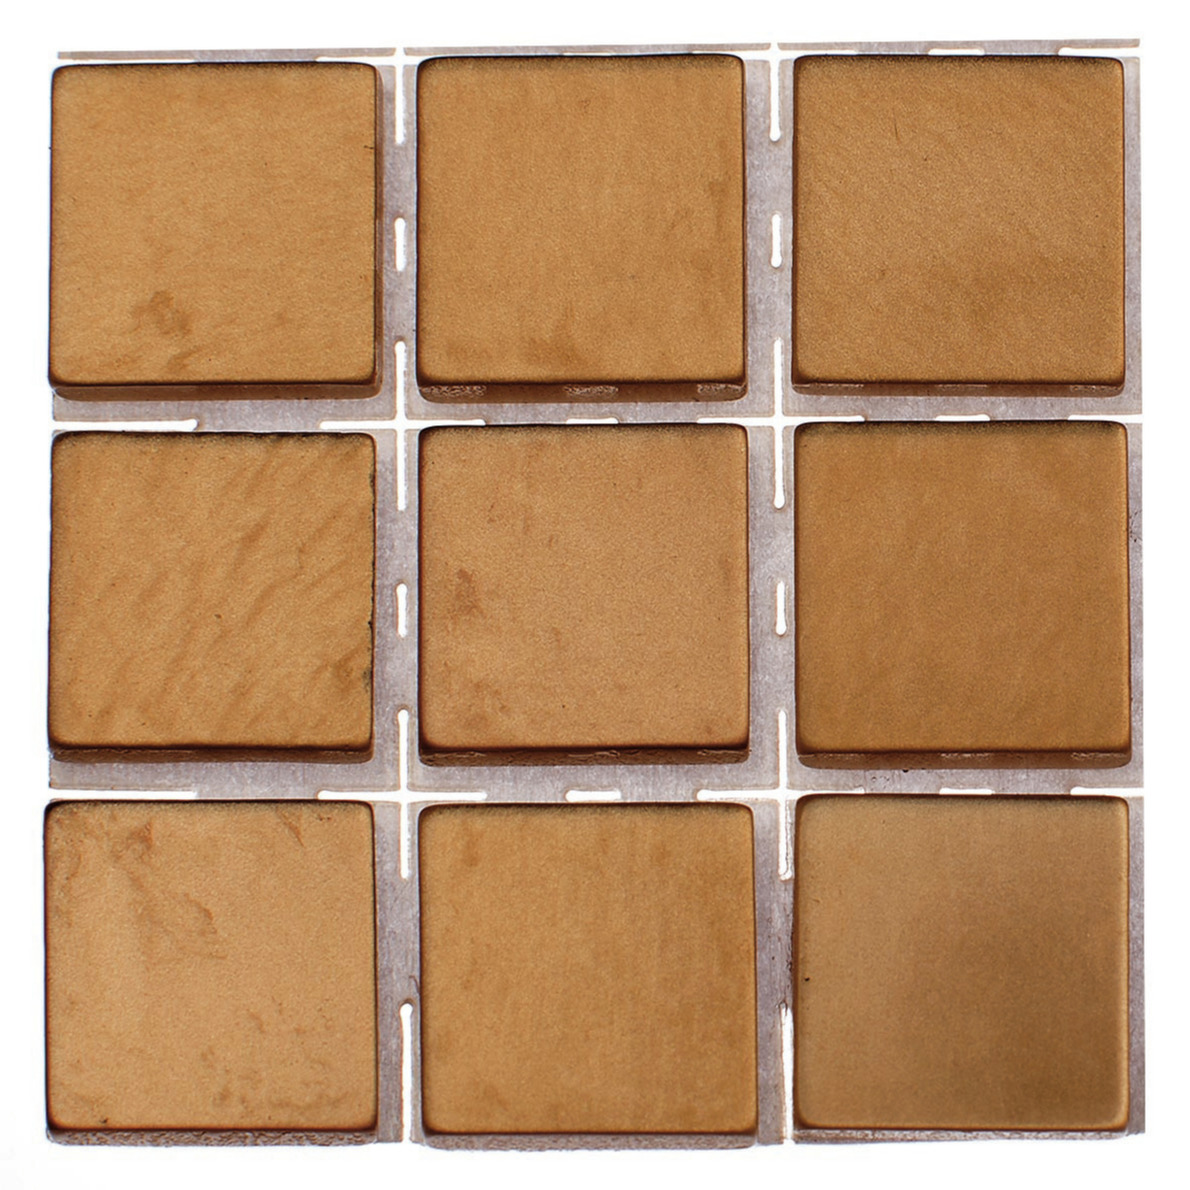 63x stuks mozaieken maken steentjes-tegels kleur brons 10 x 10 x 2 mm